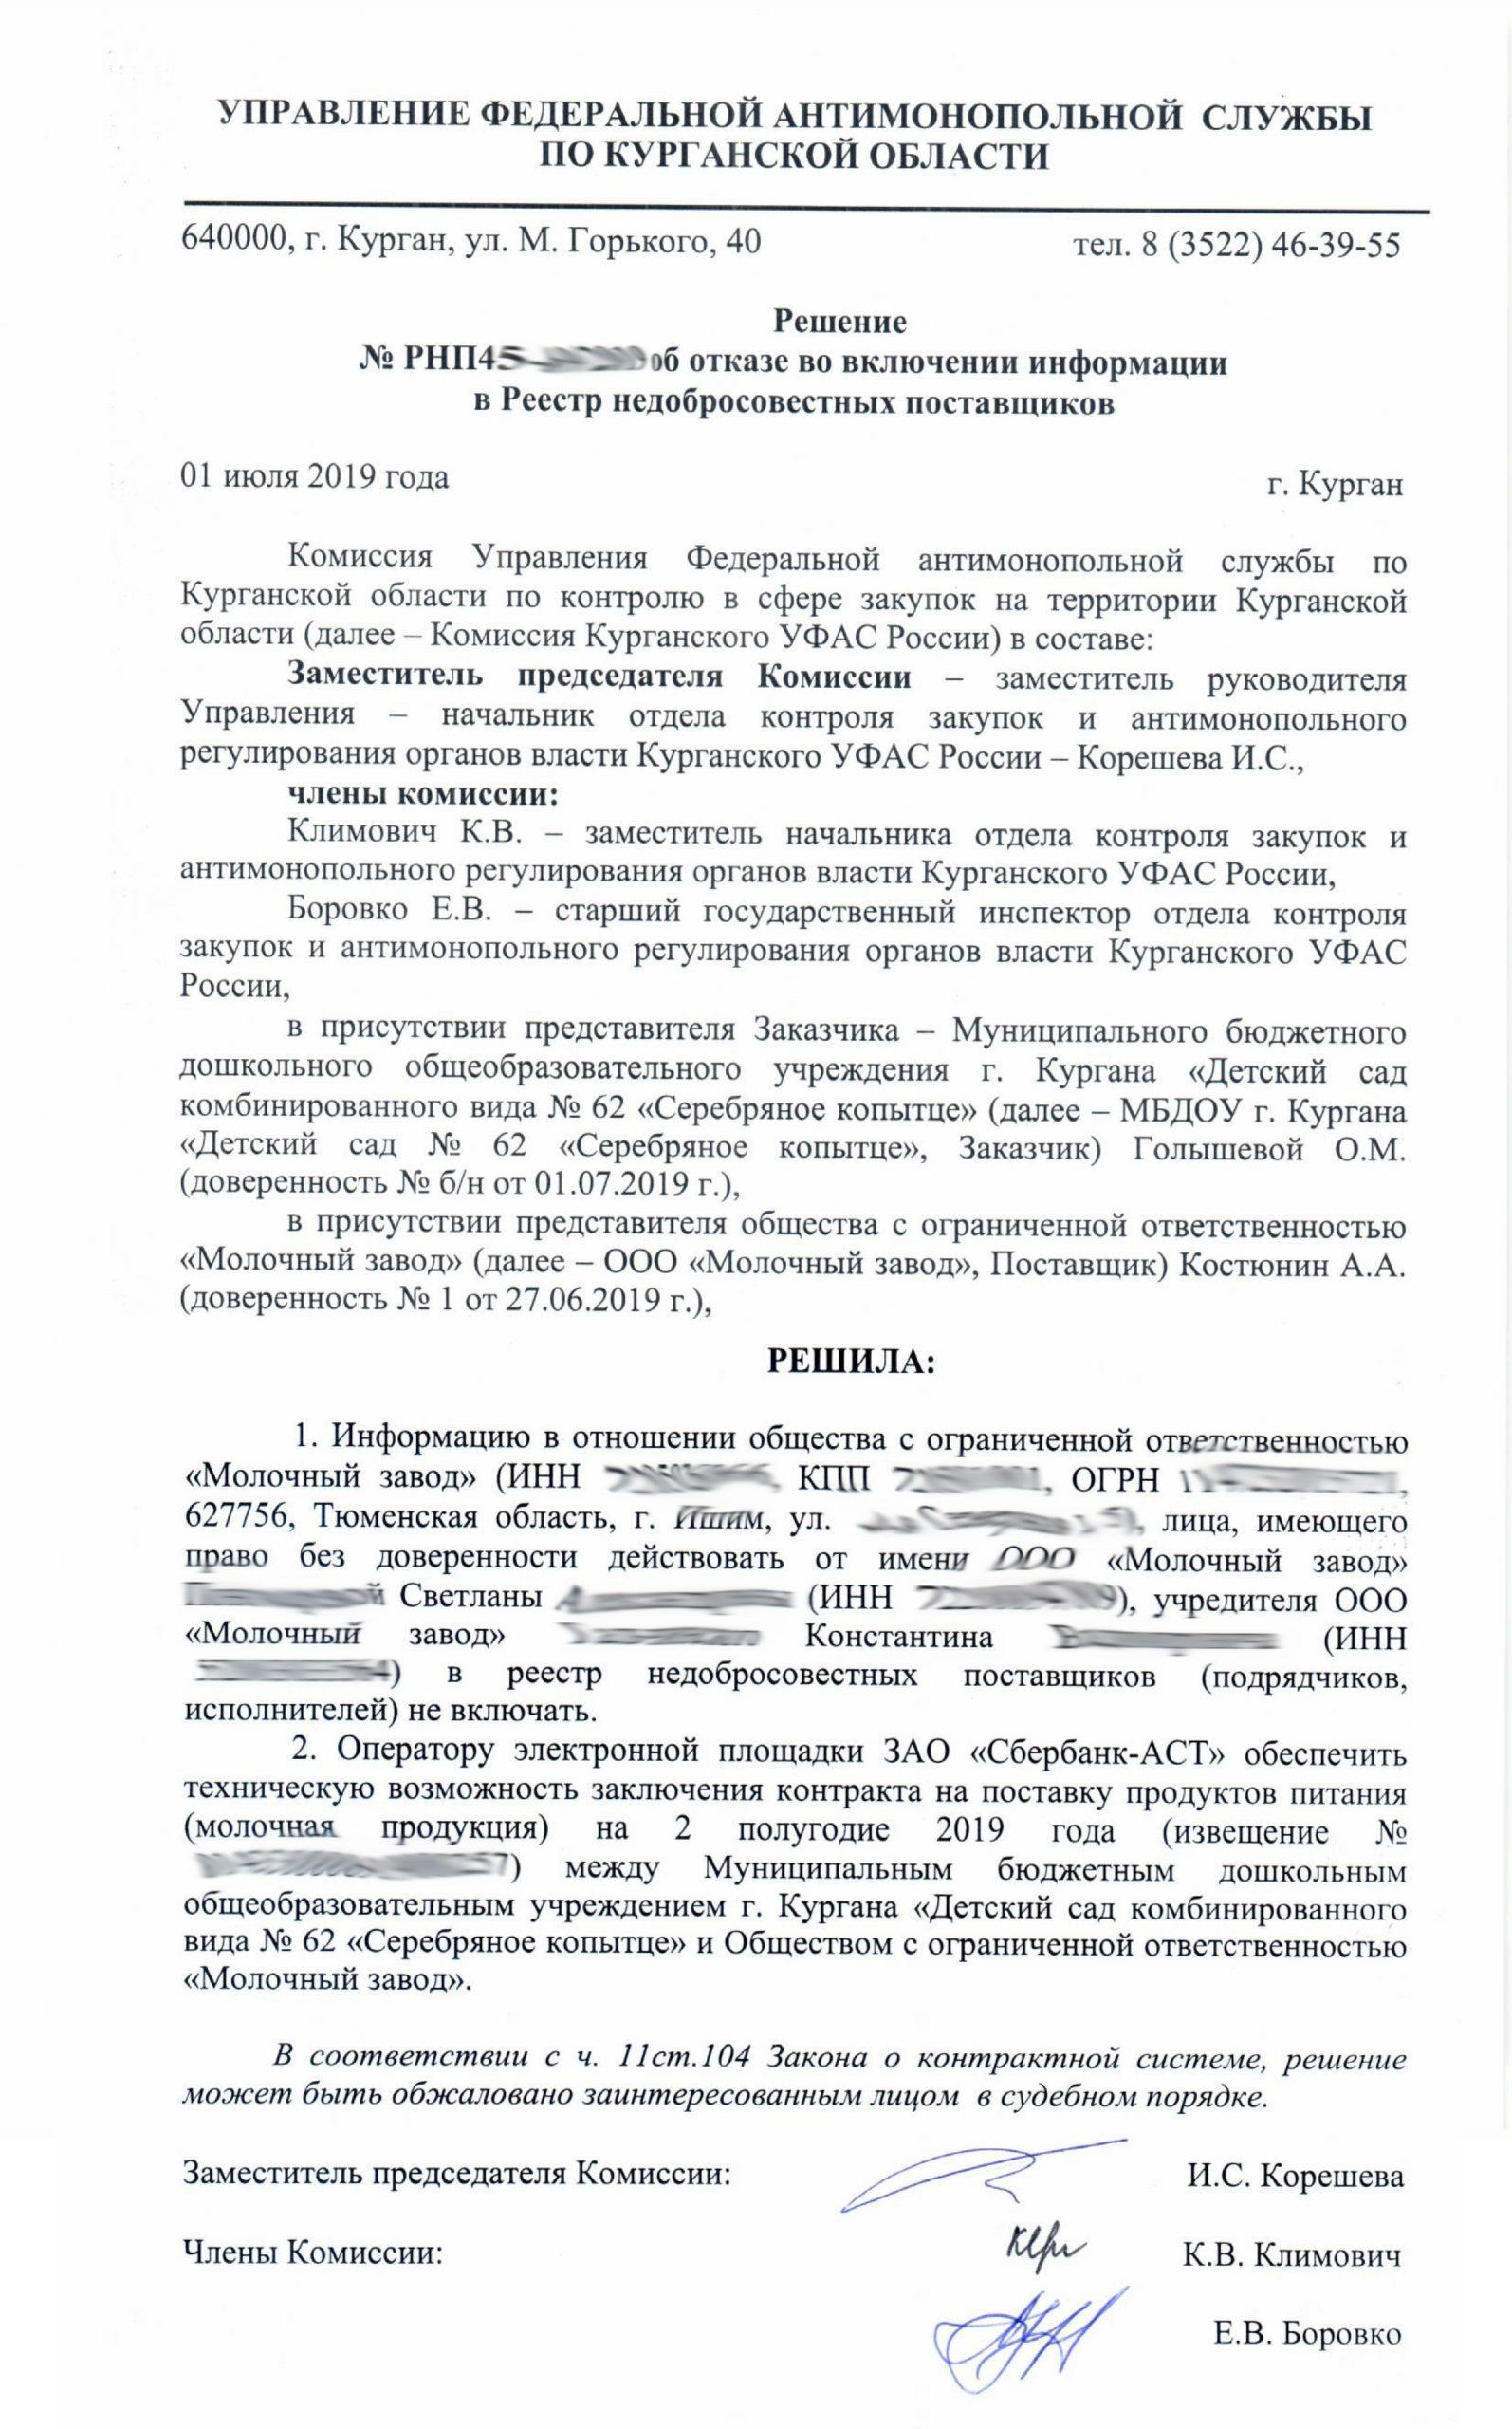 Курганский УФАС Молочный завод решение не включать и вернуть контракт 2 — копия-2